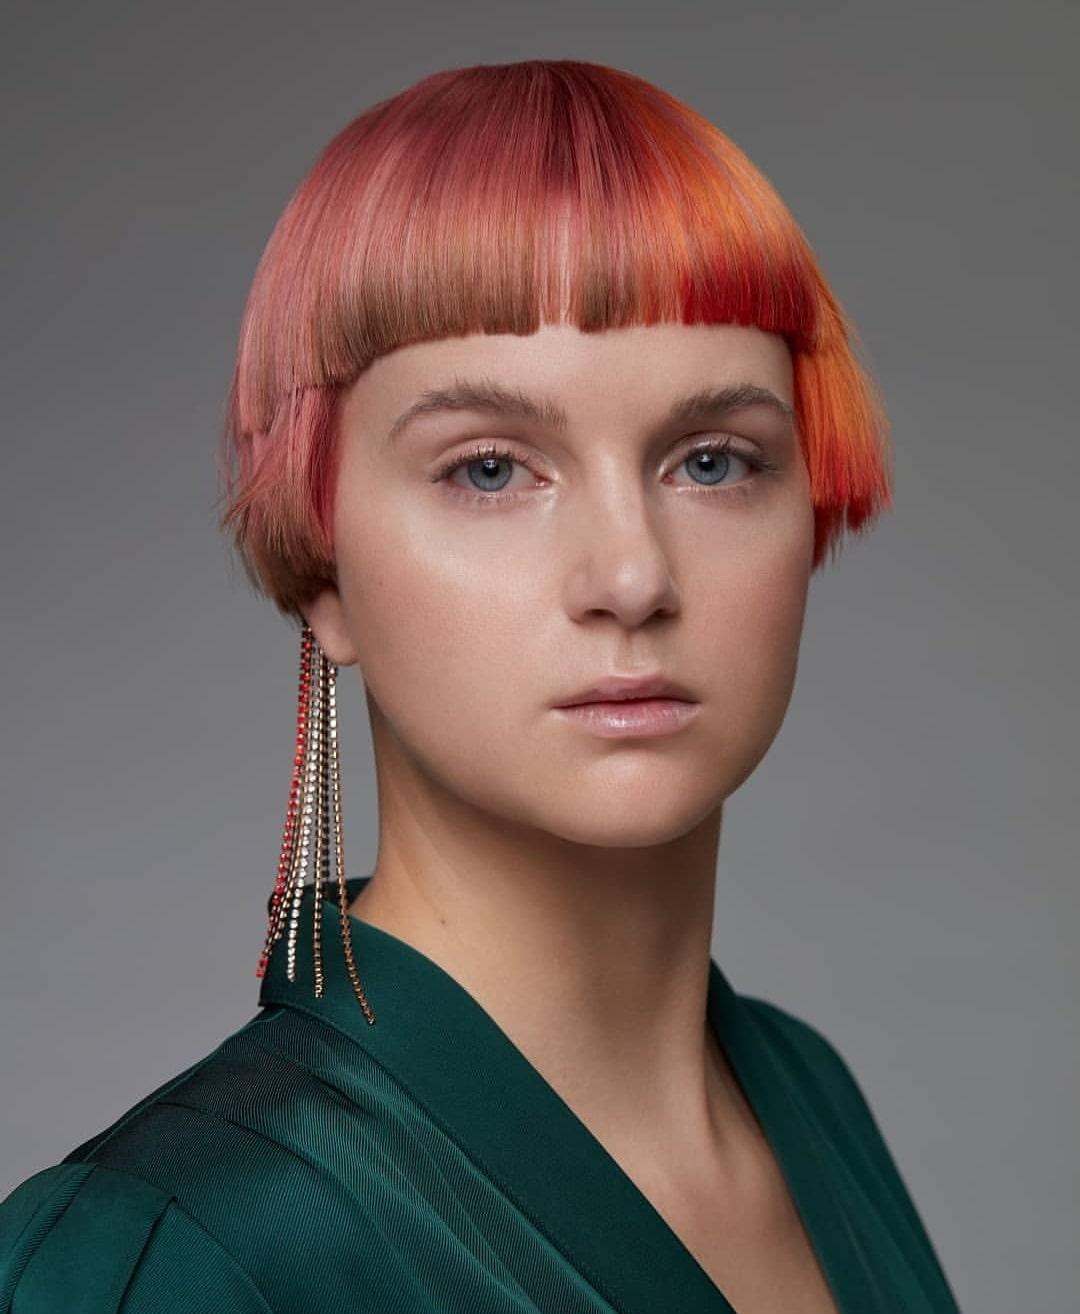 Frau-Schneider-Hairstyling-in-Wien-2020-01-27_12